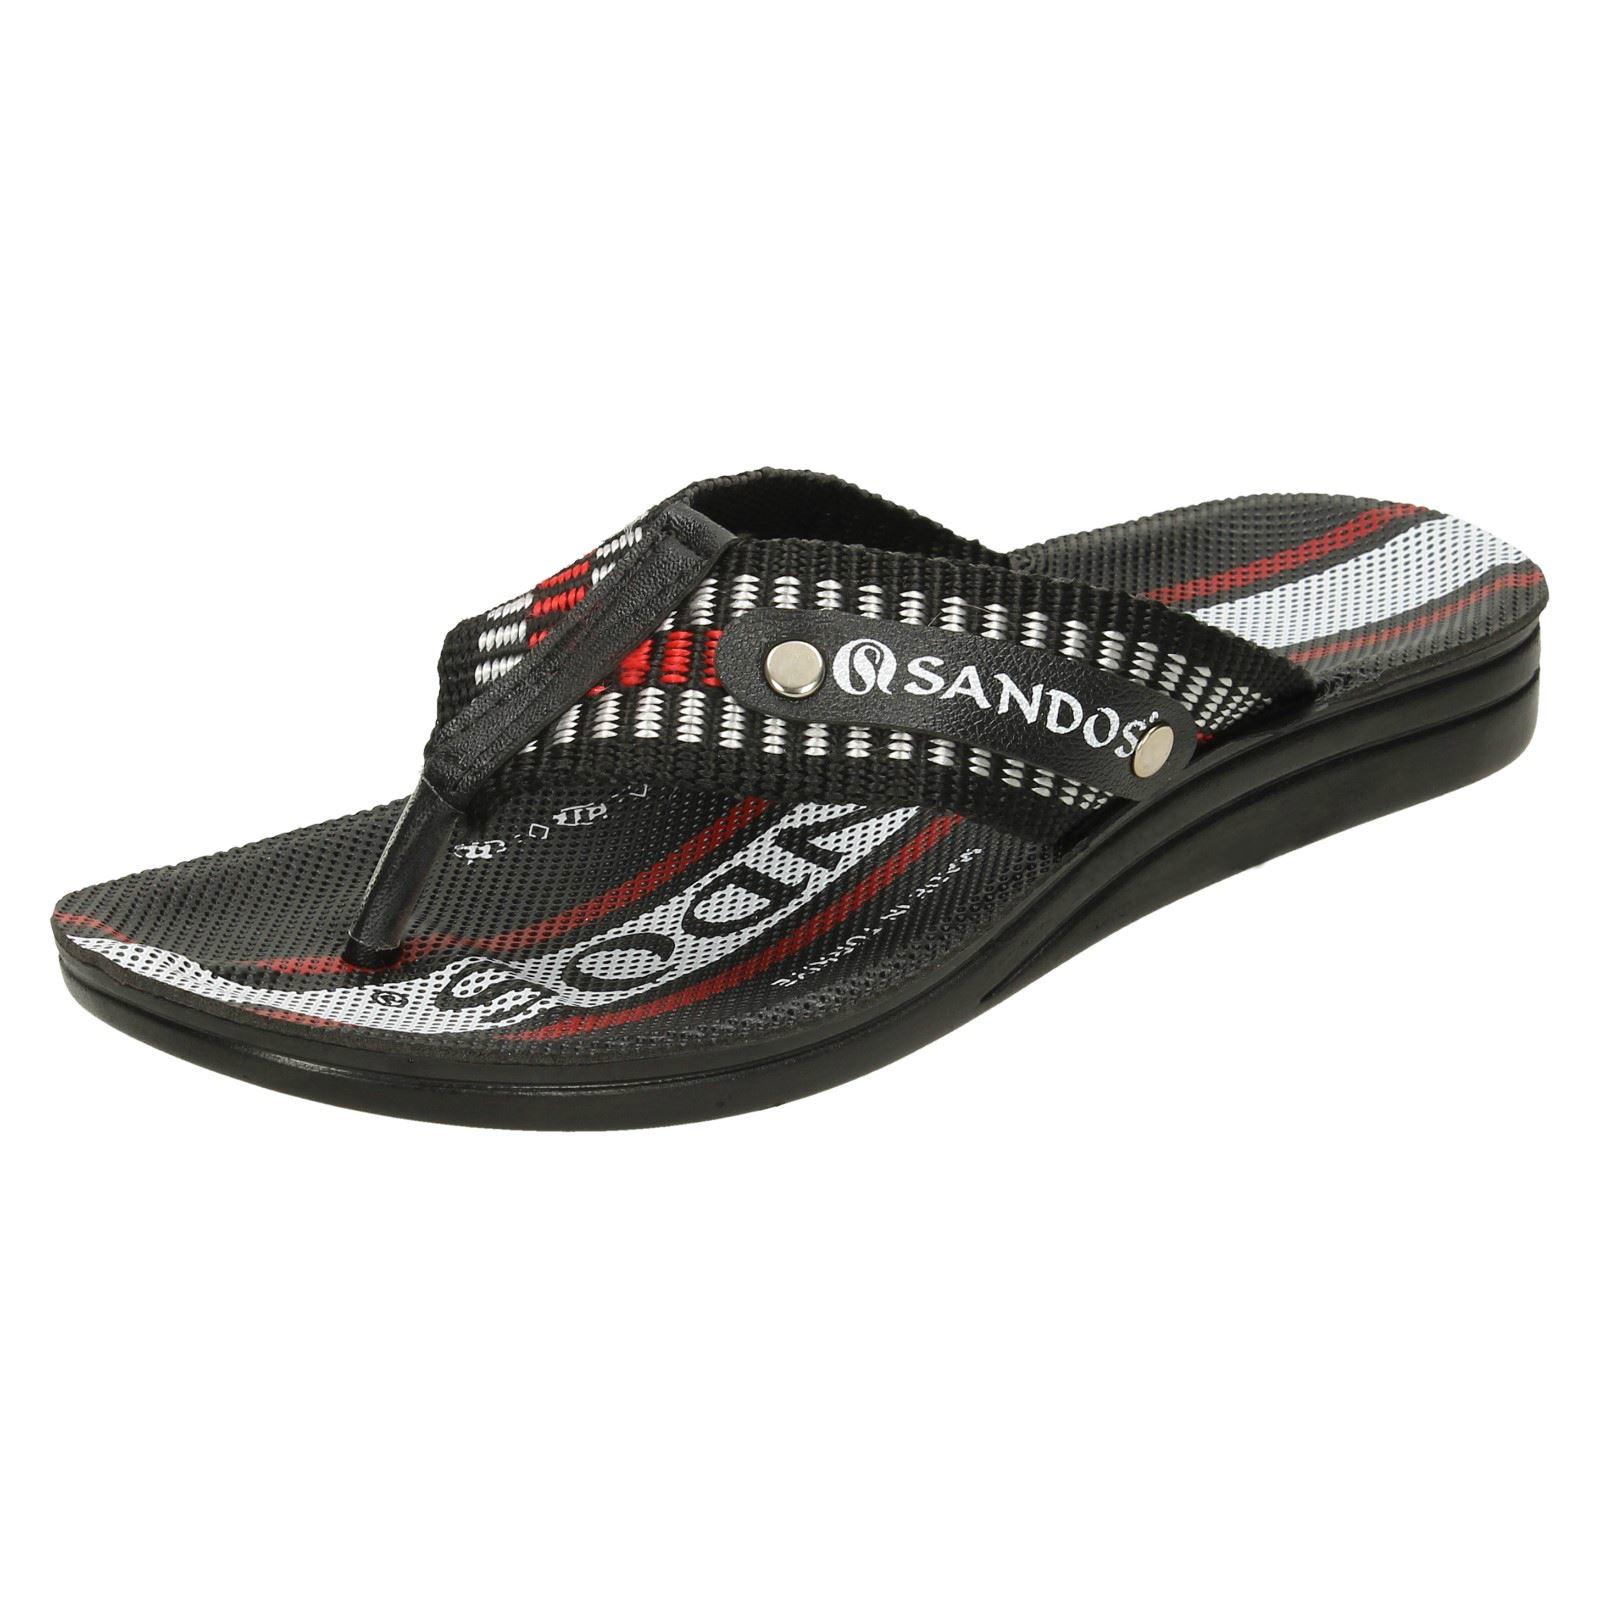 Sandalias Para Hombre Sandos Toe Post * P 509 *